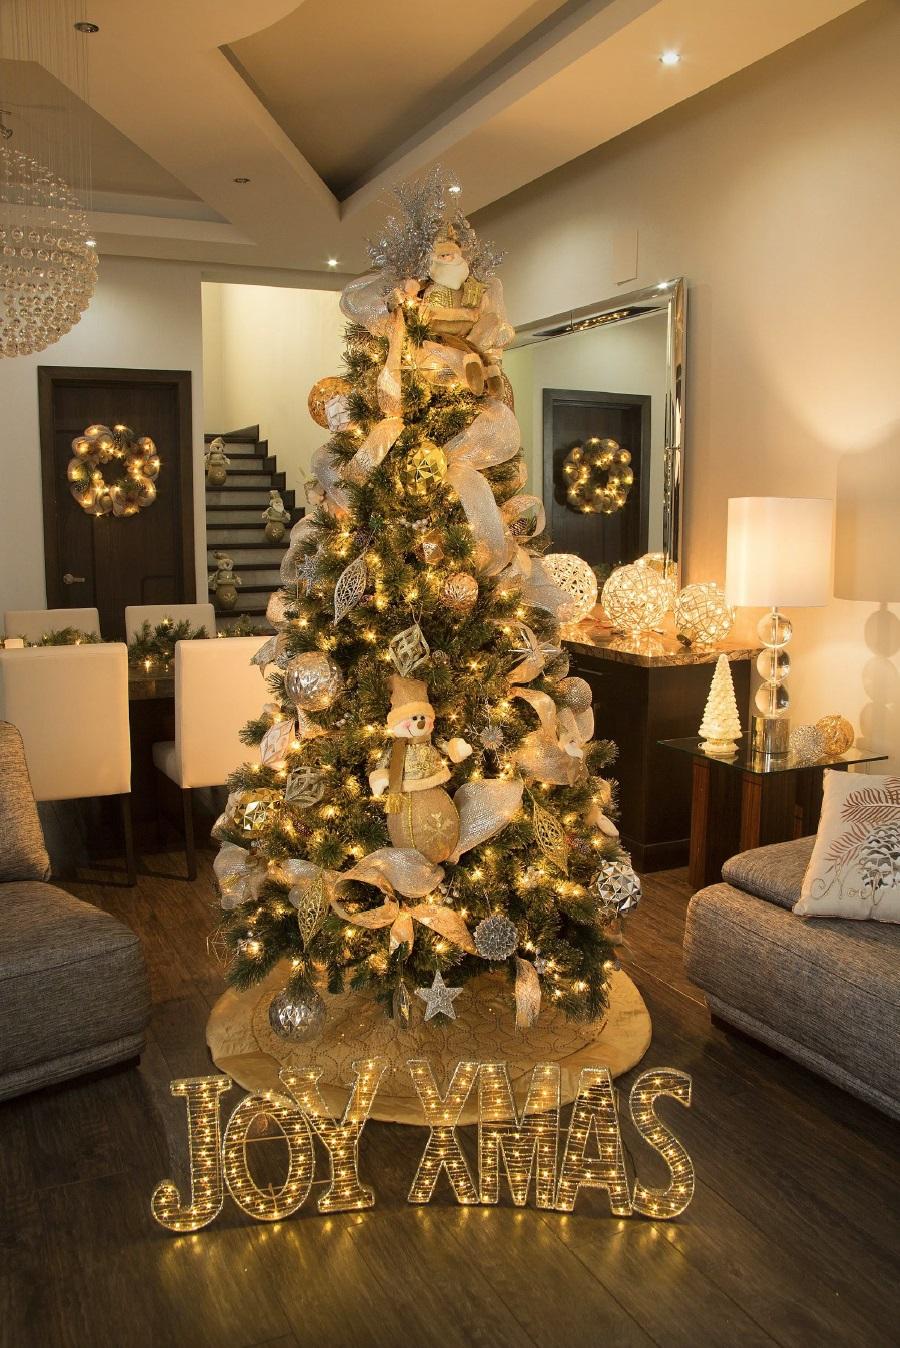 Tendencias para decorar en navidad 2017 2018 curso de for Decoracion de interiores tendencias 2018